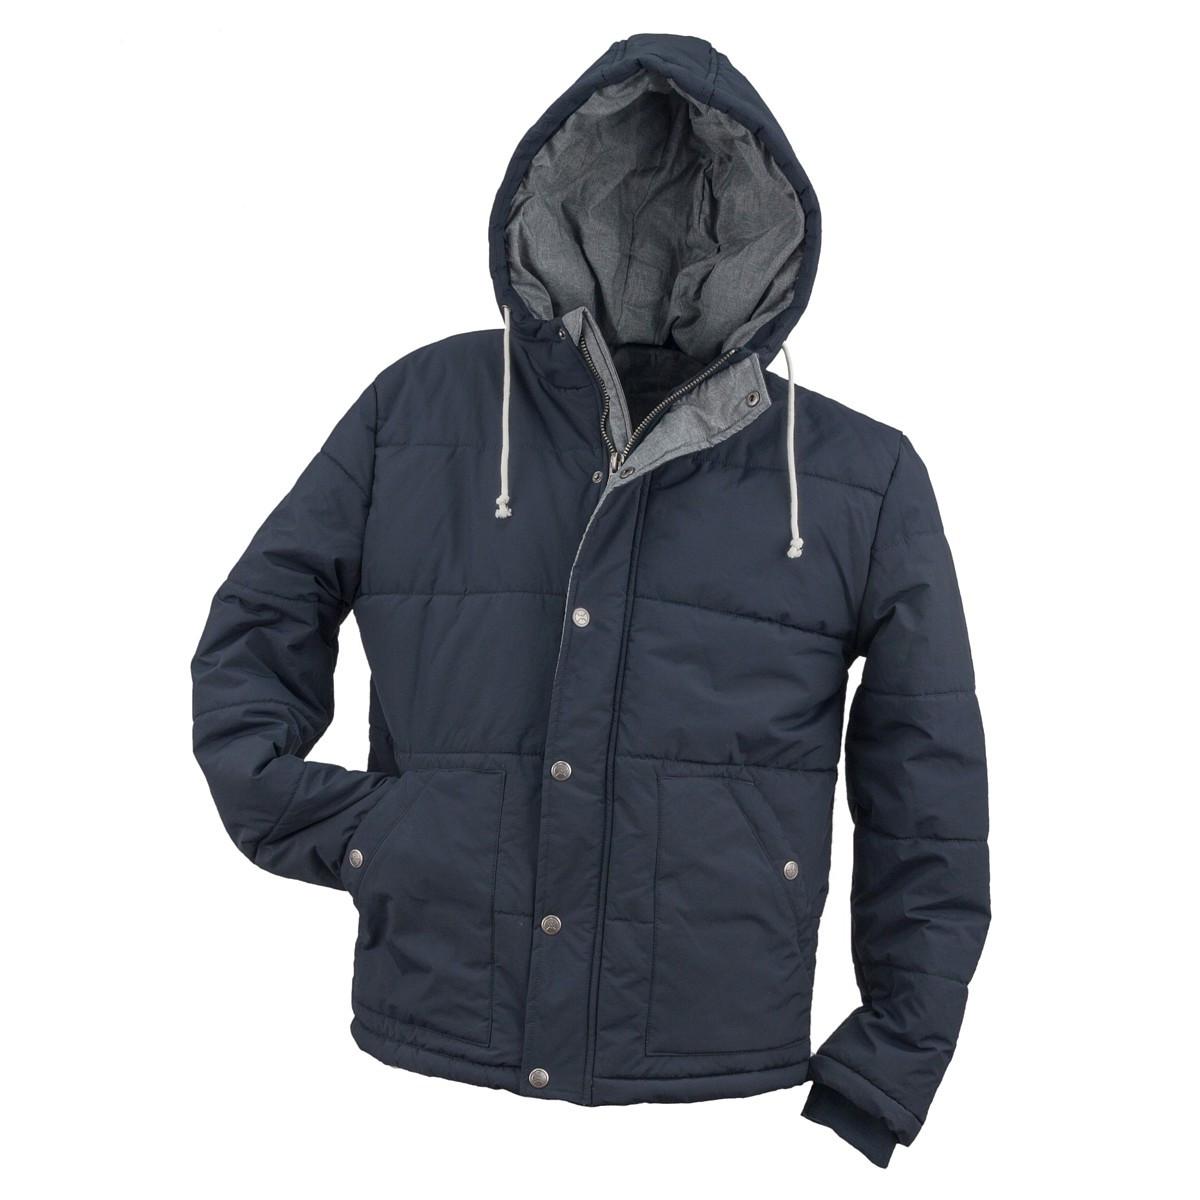 Куртка рабочая URG-0142 из 100% полиэстера (размер 50). Urgent